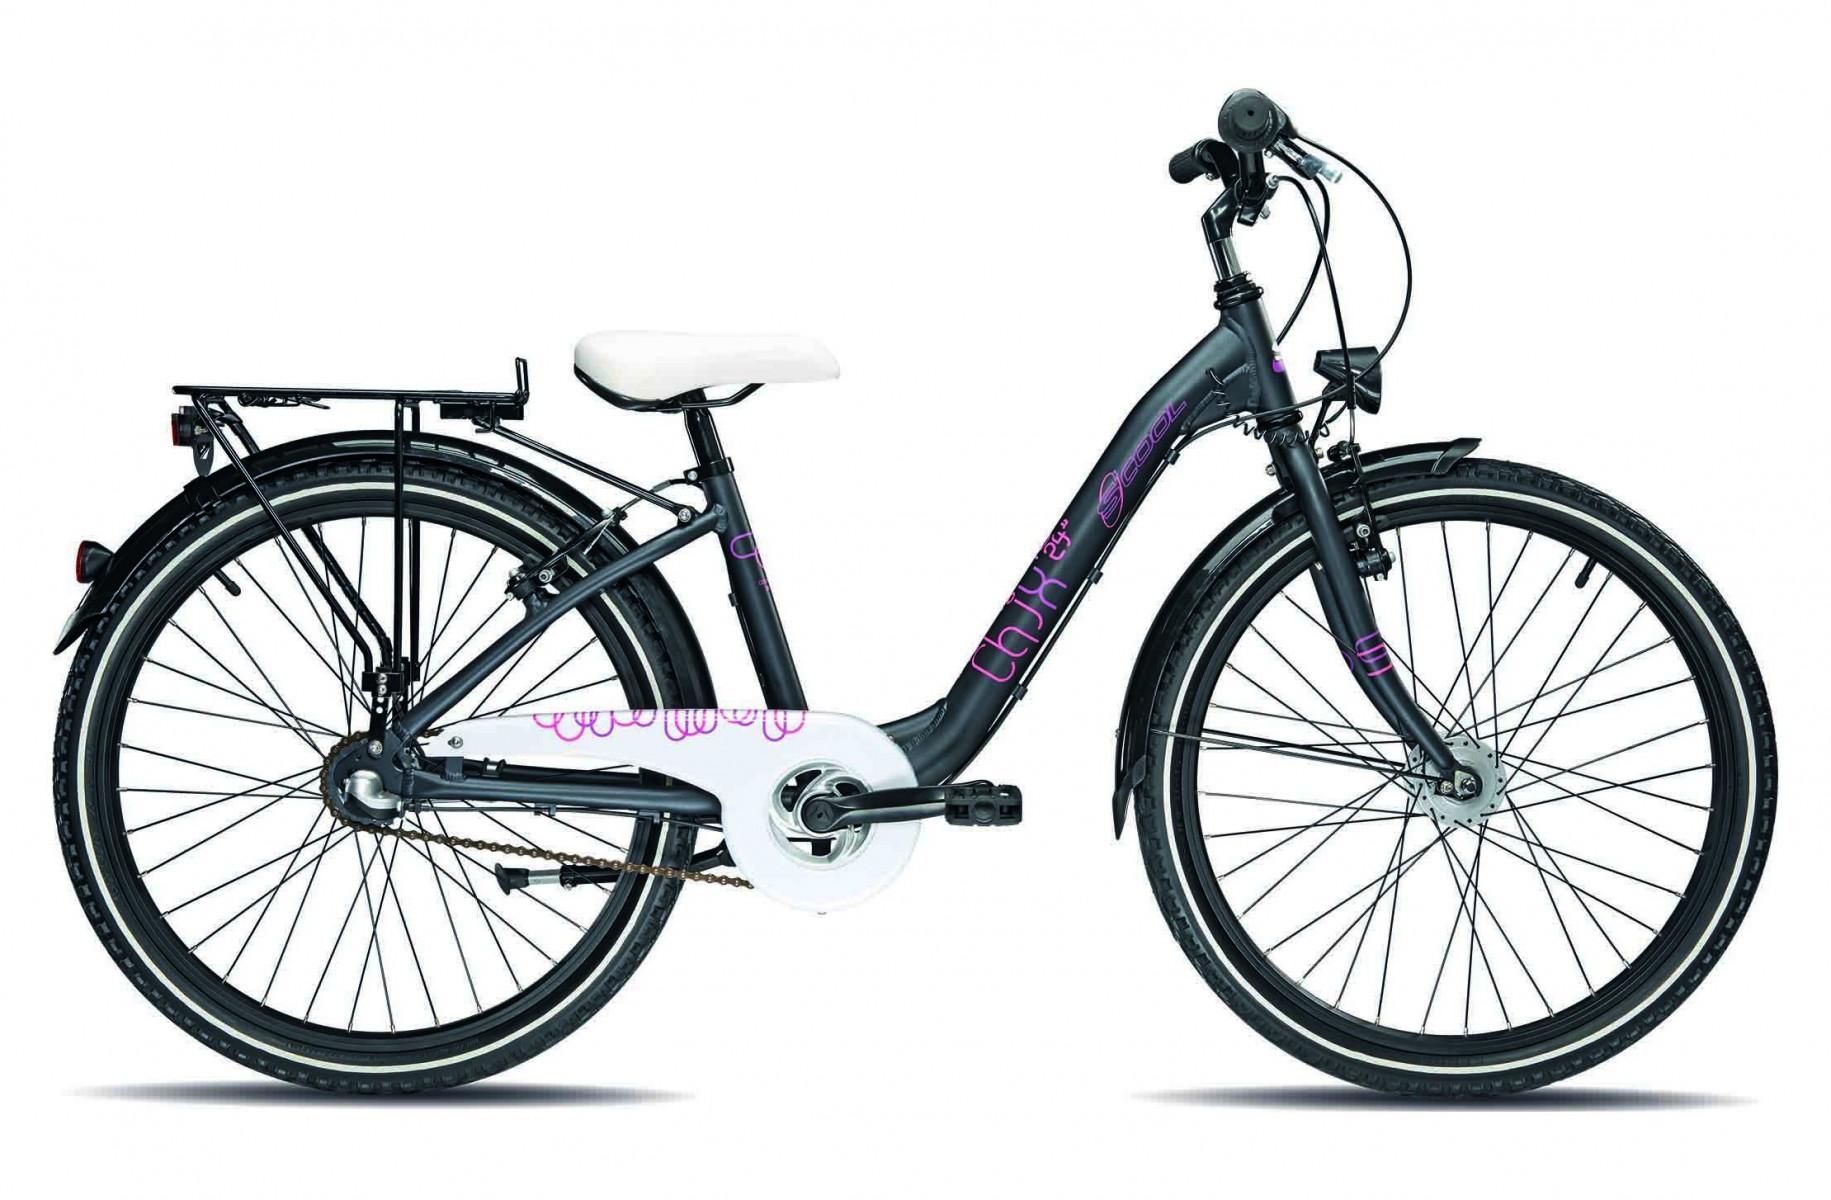 купить подростковый велосипед бу из германии недорого